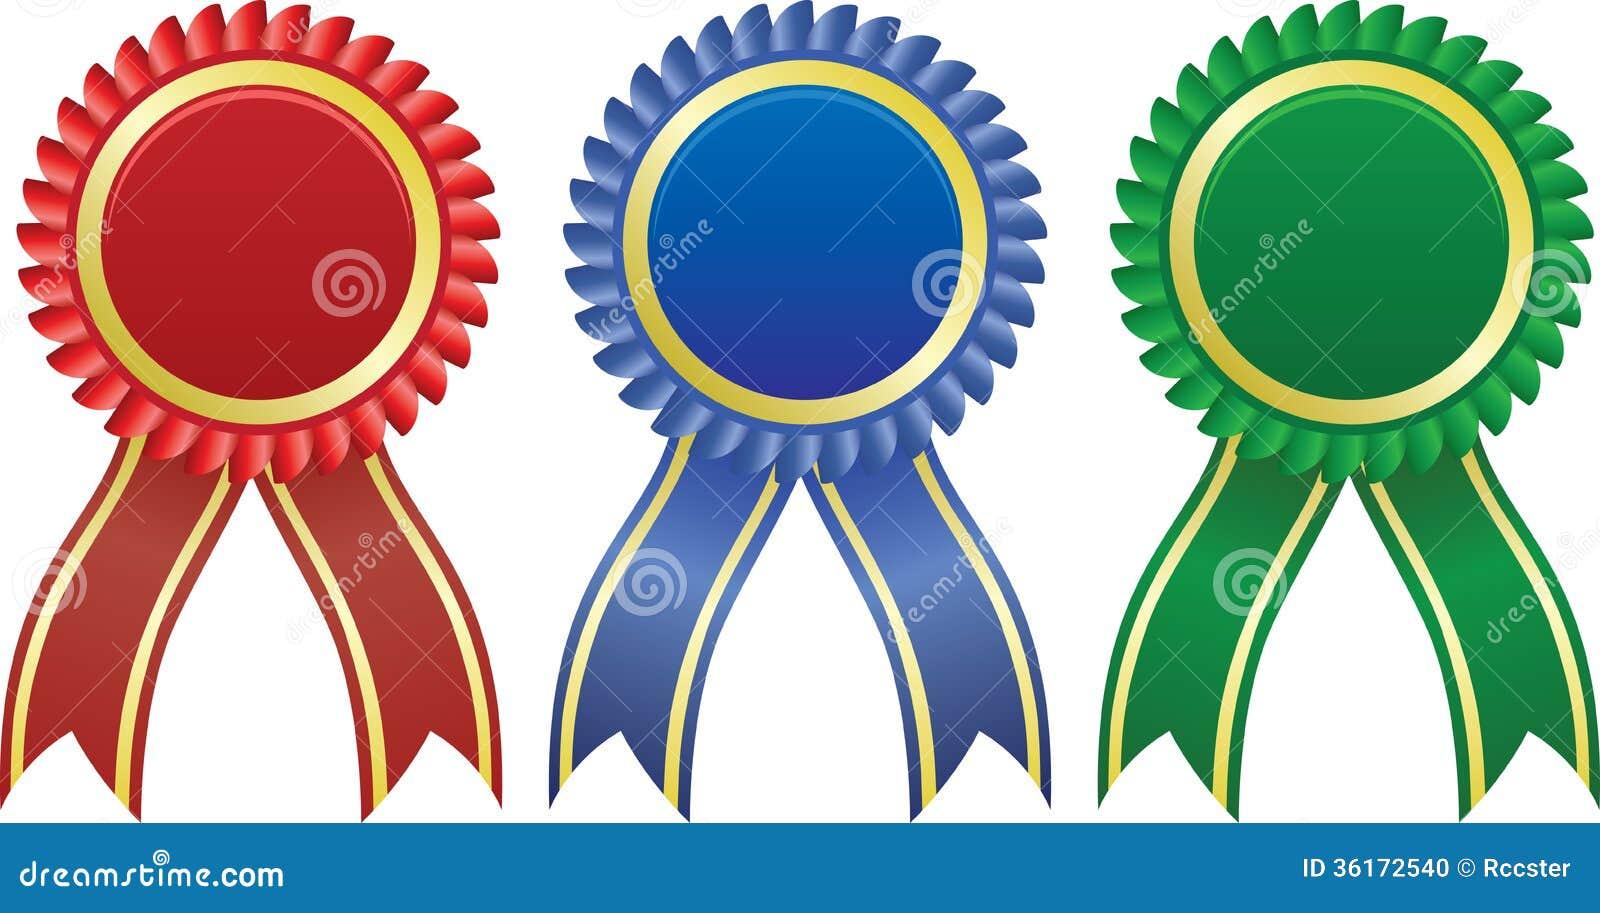 Award Ribbons Stock Photo - Image: 36172540